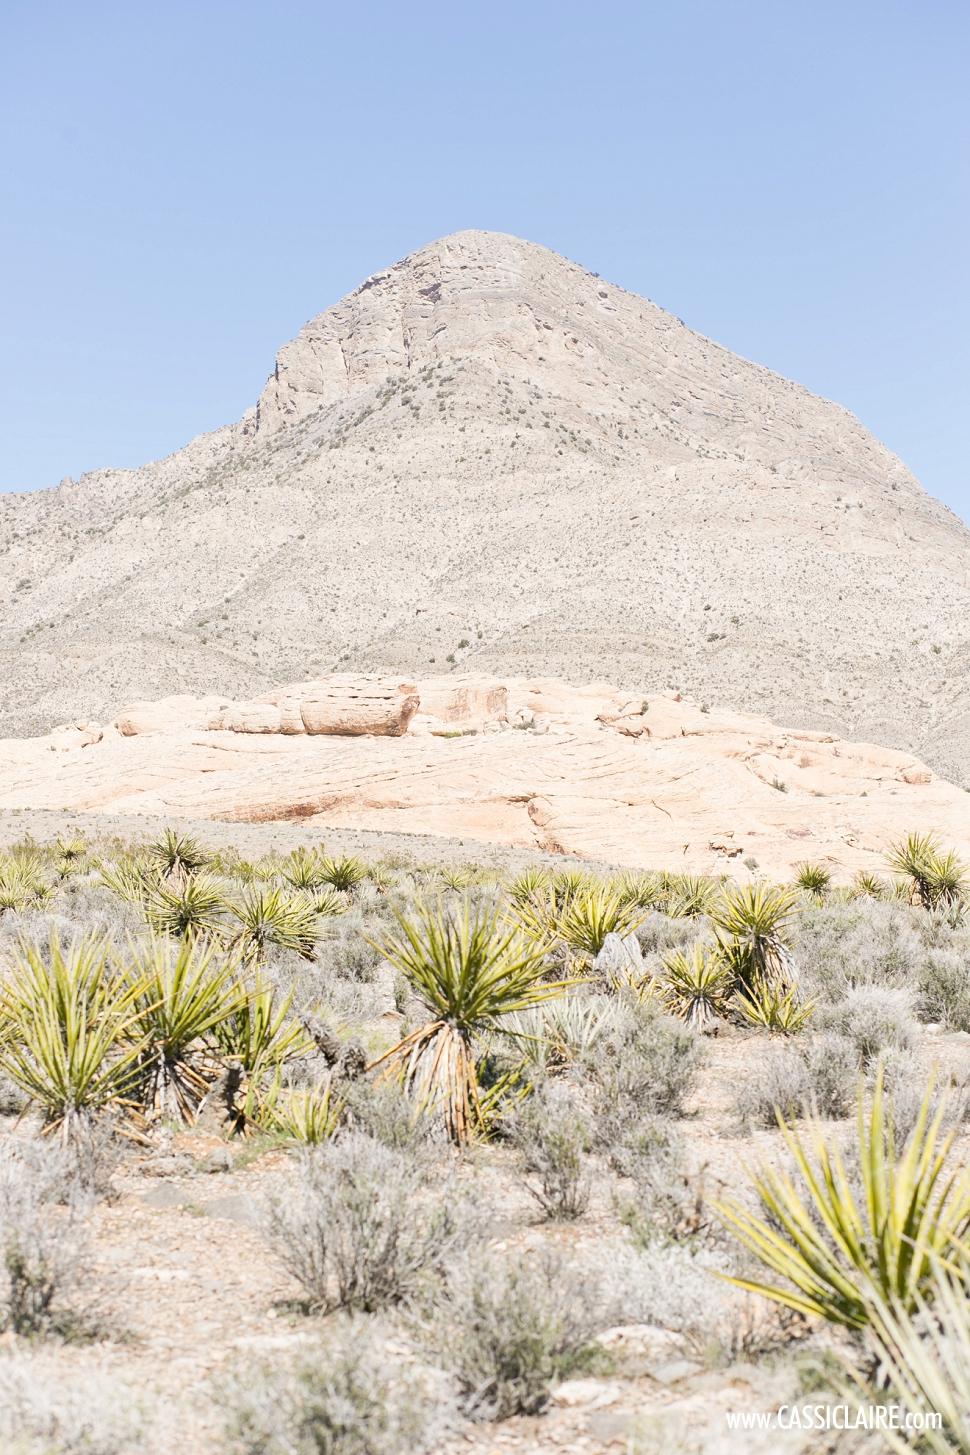 Mojave-Desert-Red-Rock_CassiClaire_06.jpg